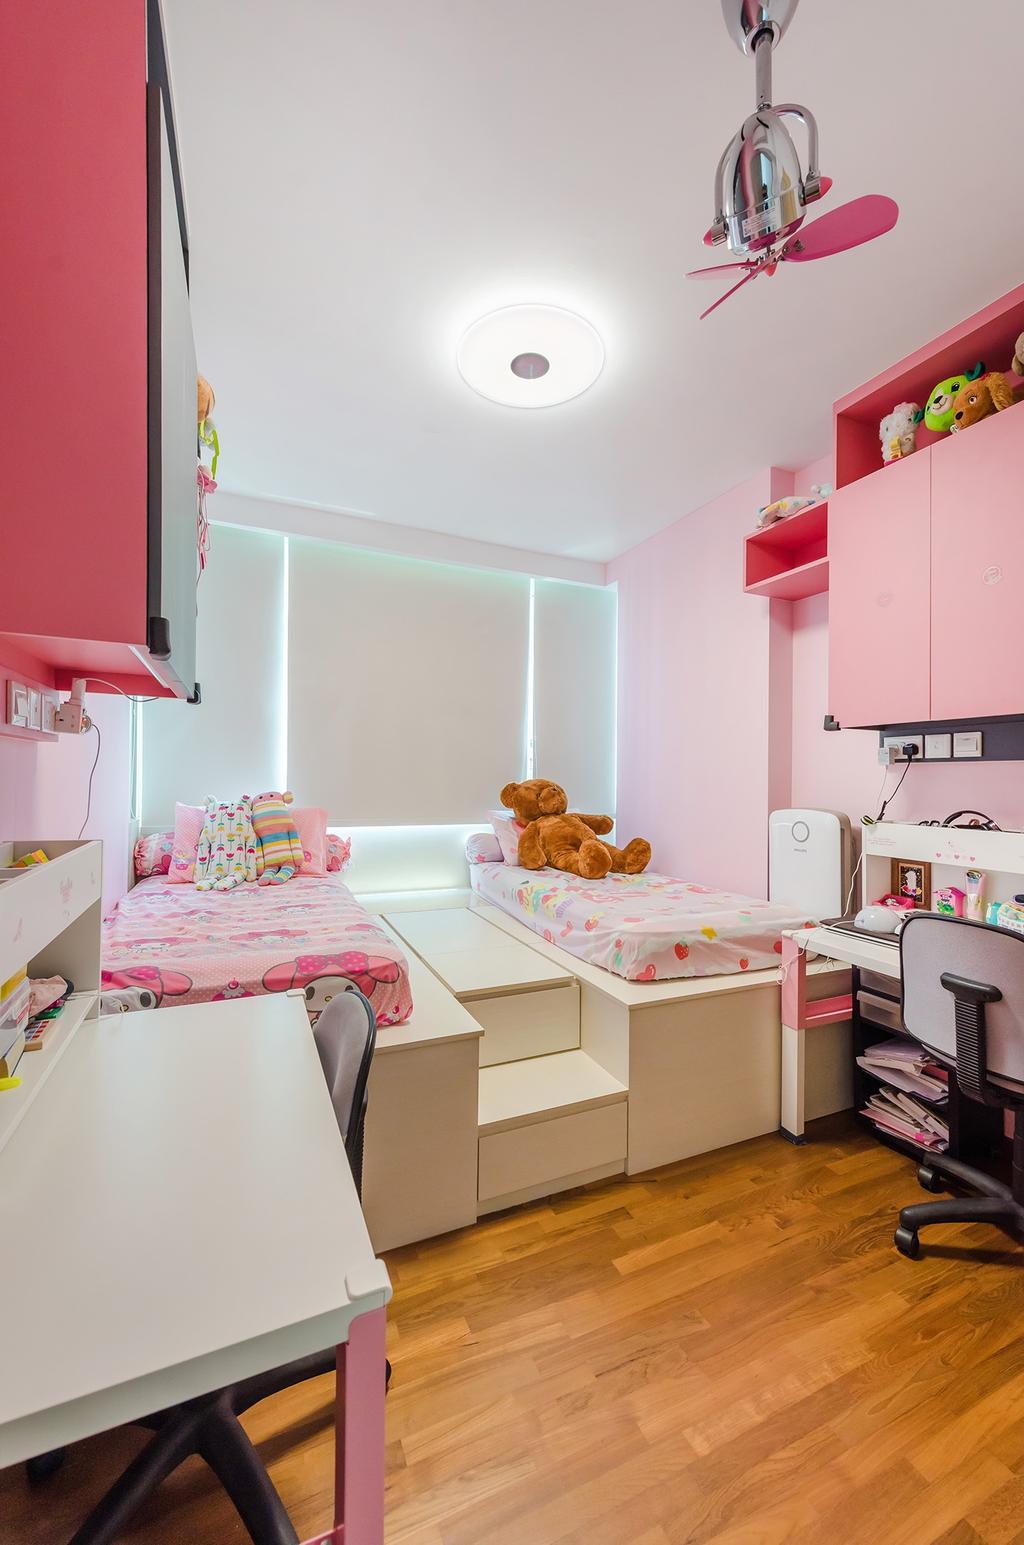 Transitional, Condo, Bedroom, The Quartz, Interior Designer, Tan Studio